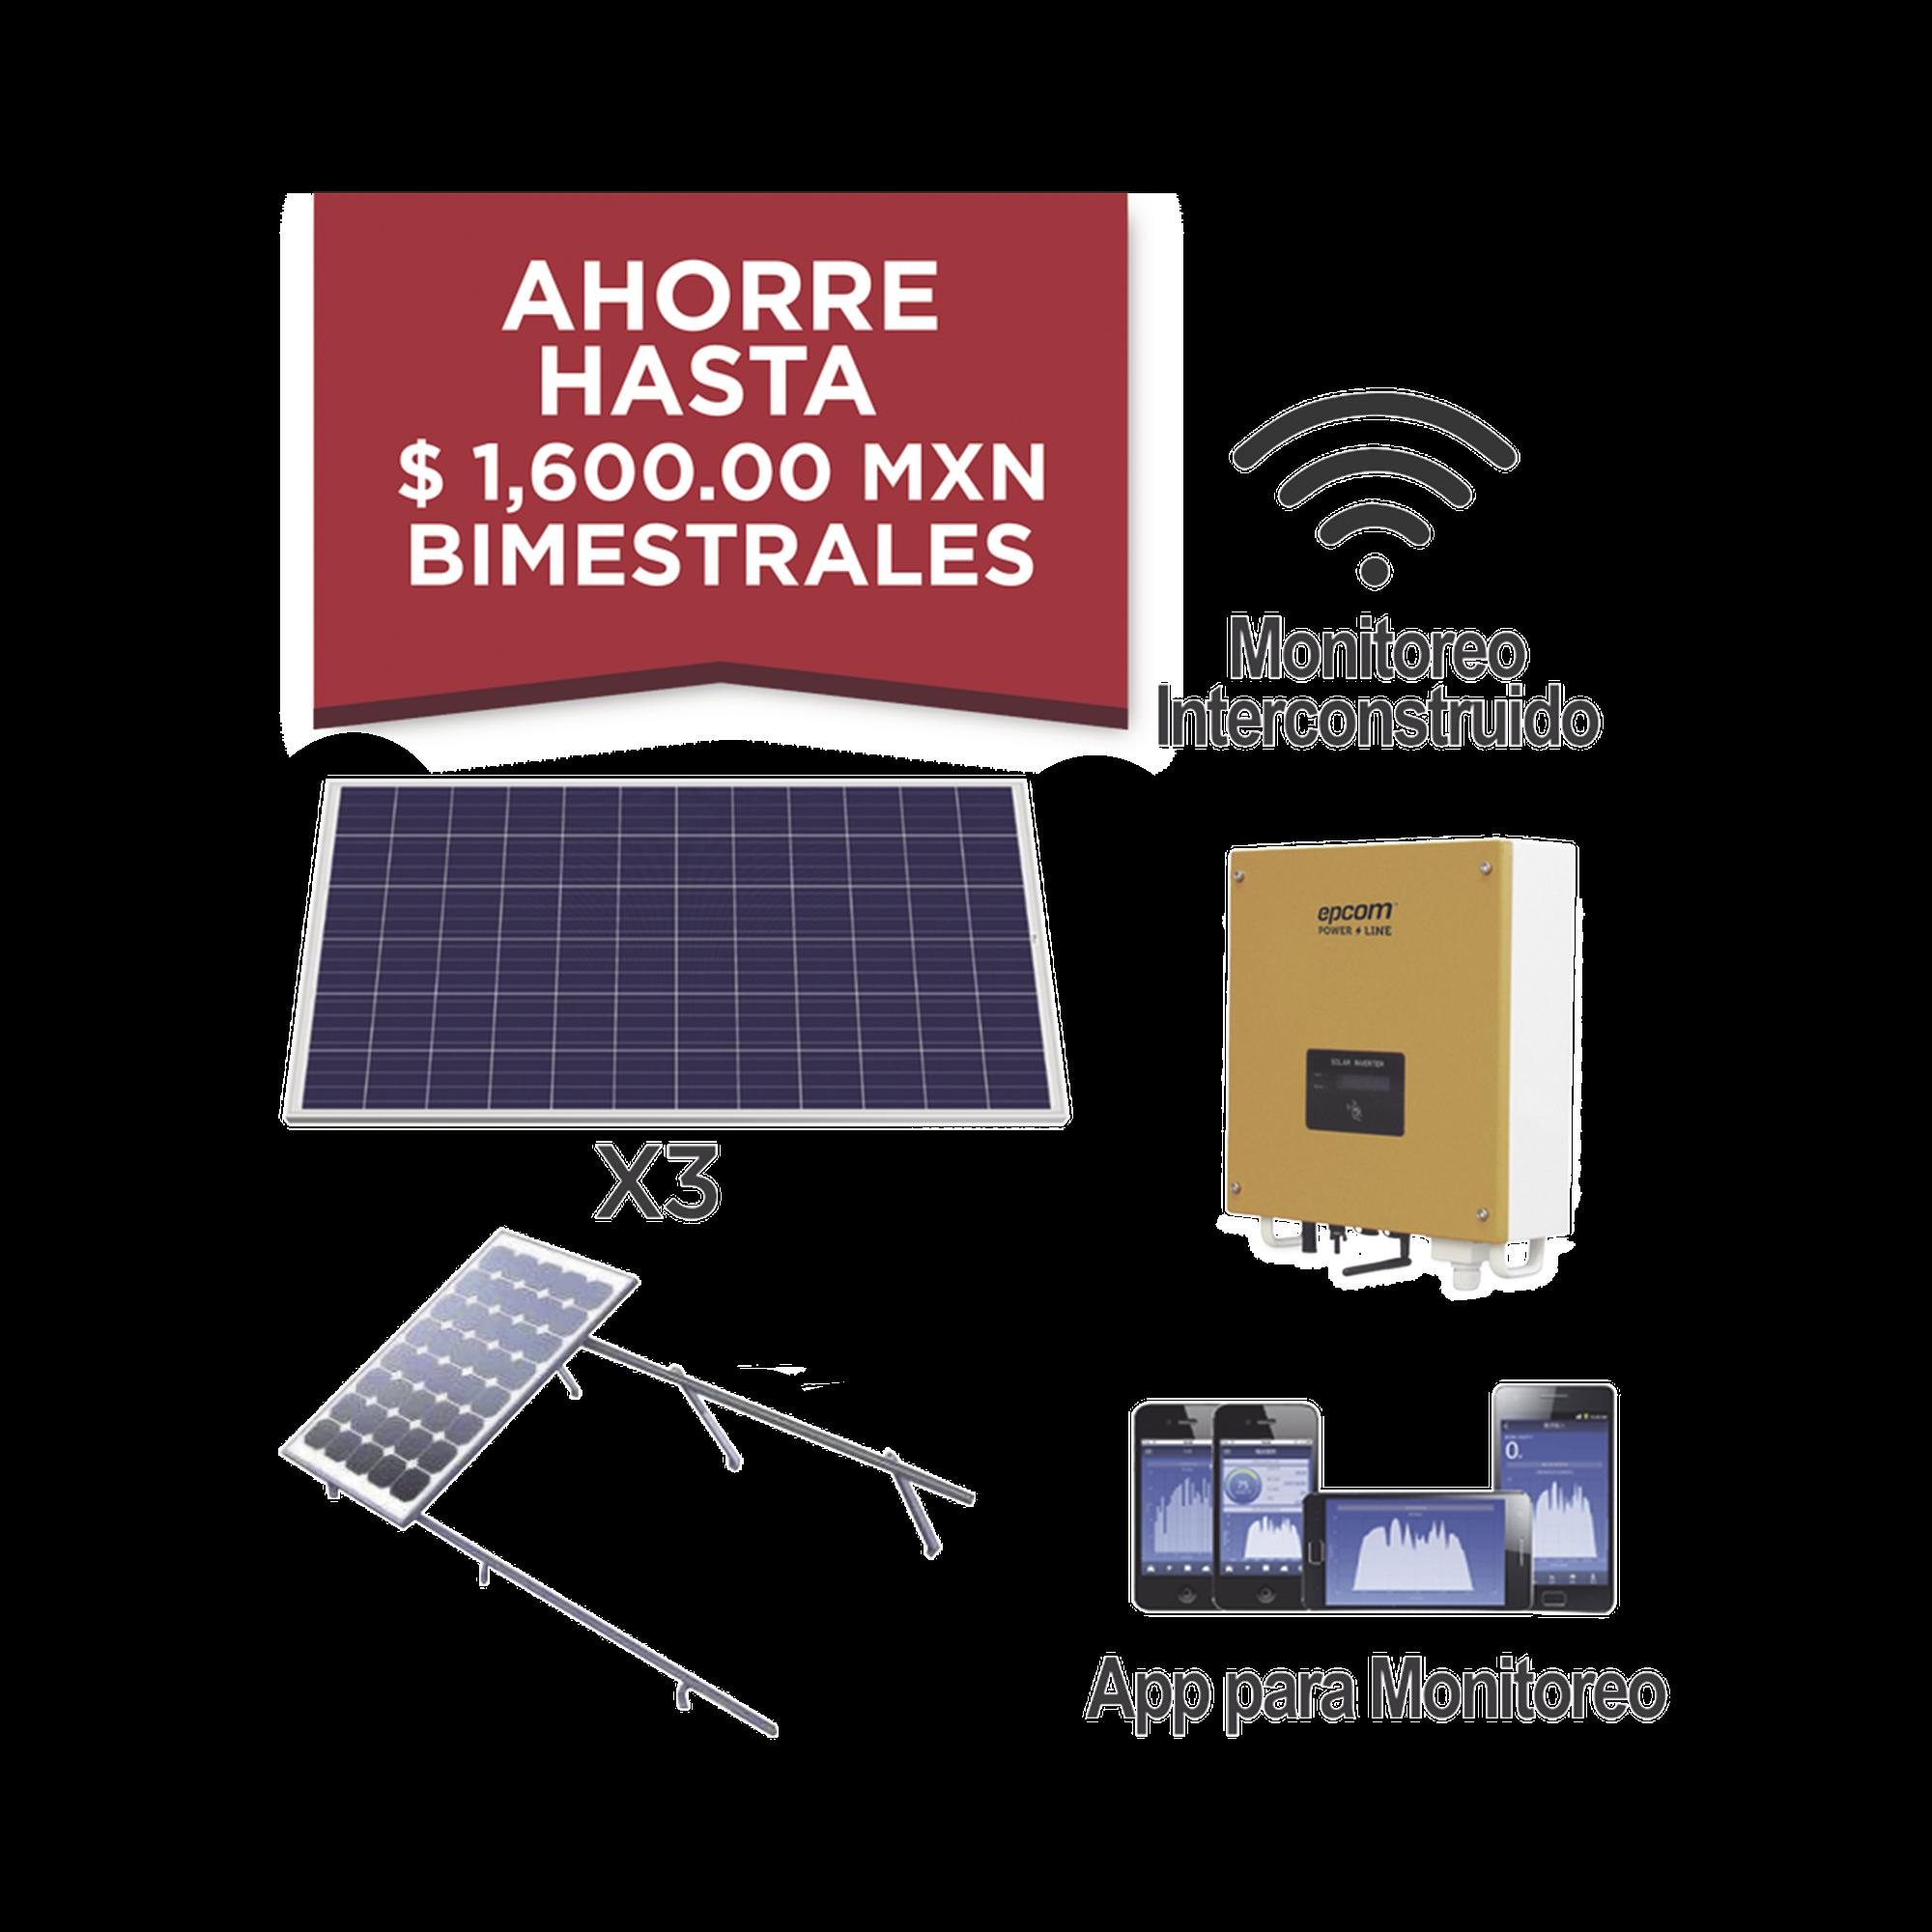 Kit solar para interconexión de 1 KW de potencia, 220 Vca con inversor de cadena y paneles policristalinos.